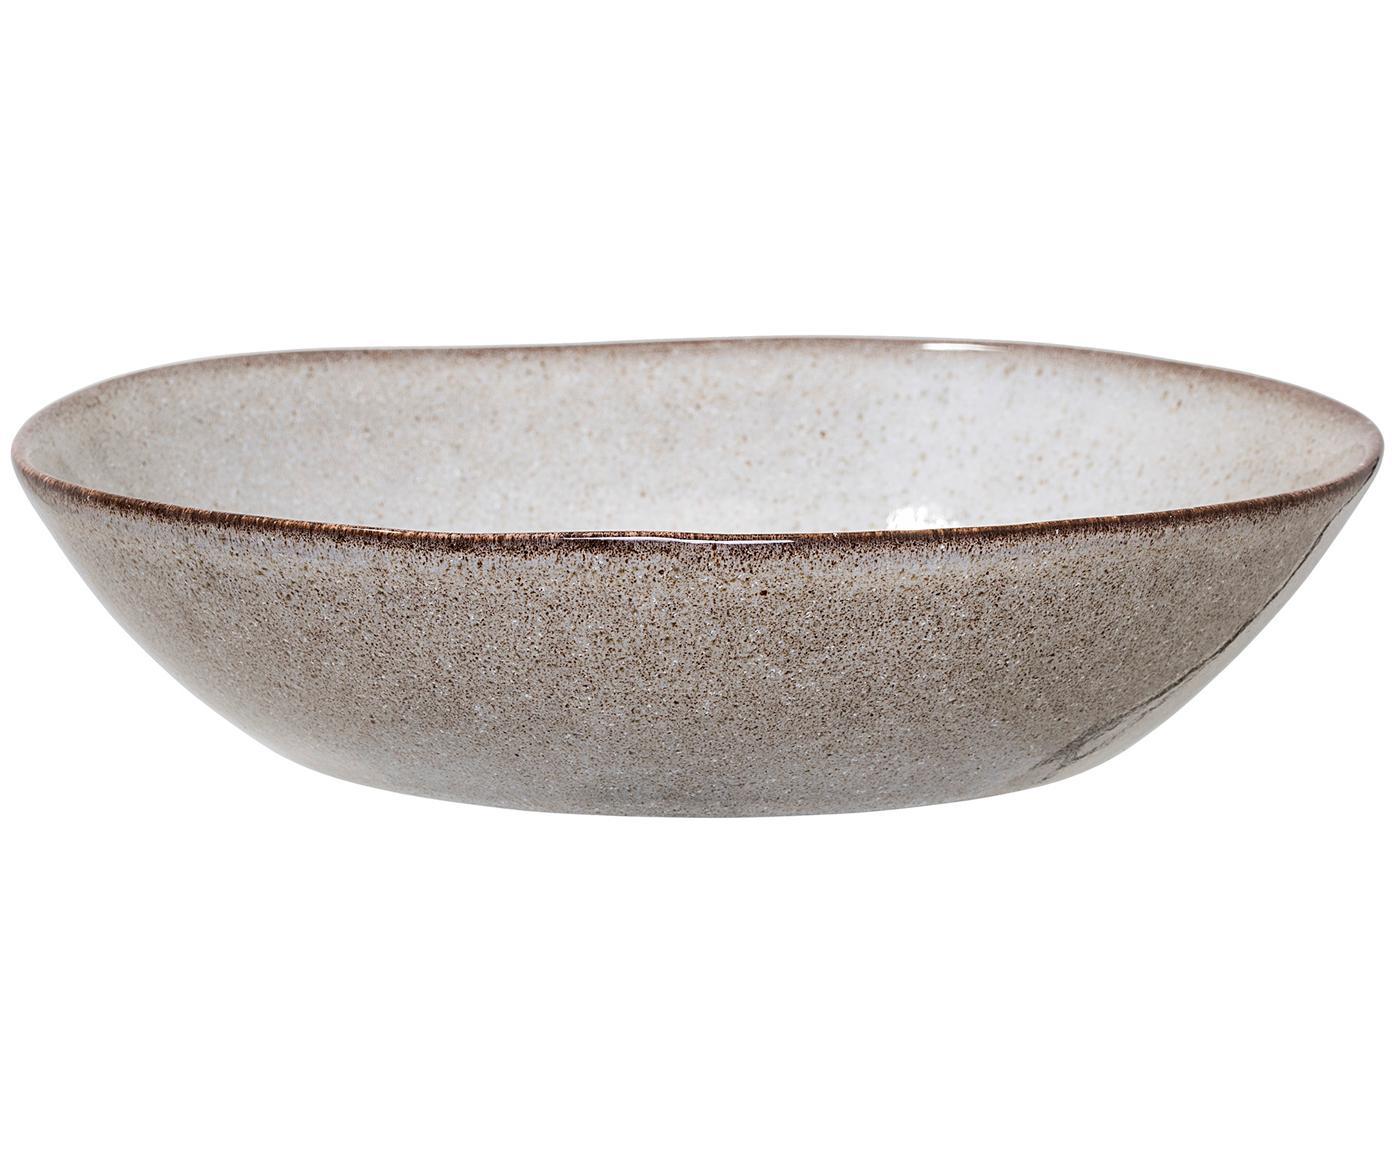 Handgemachter Suppenteller Sandrine in Beige, Keramik, Beigetöne, Ø 22 x H 5 cm